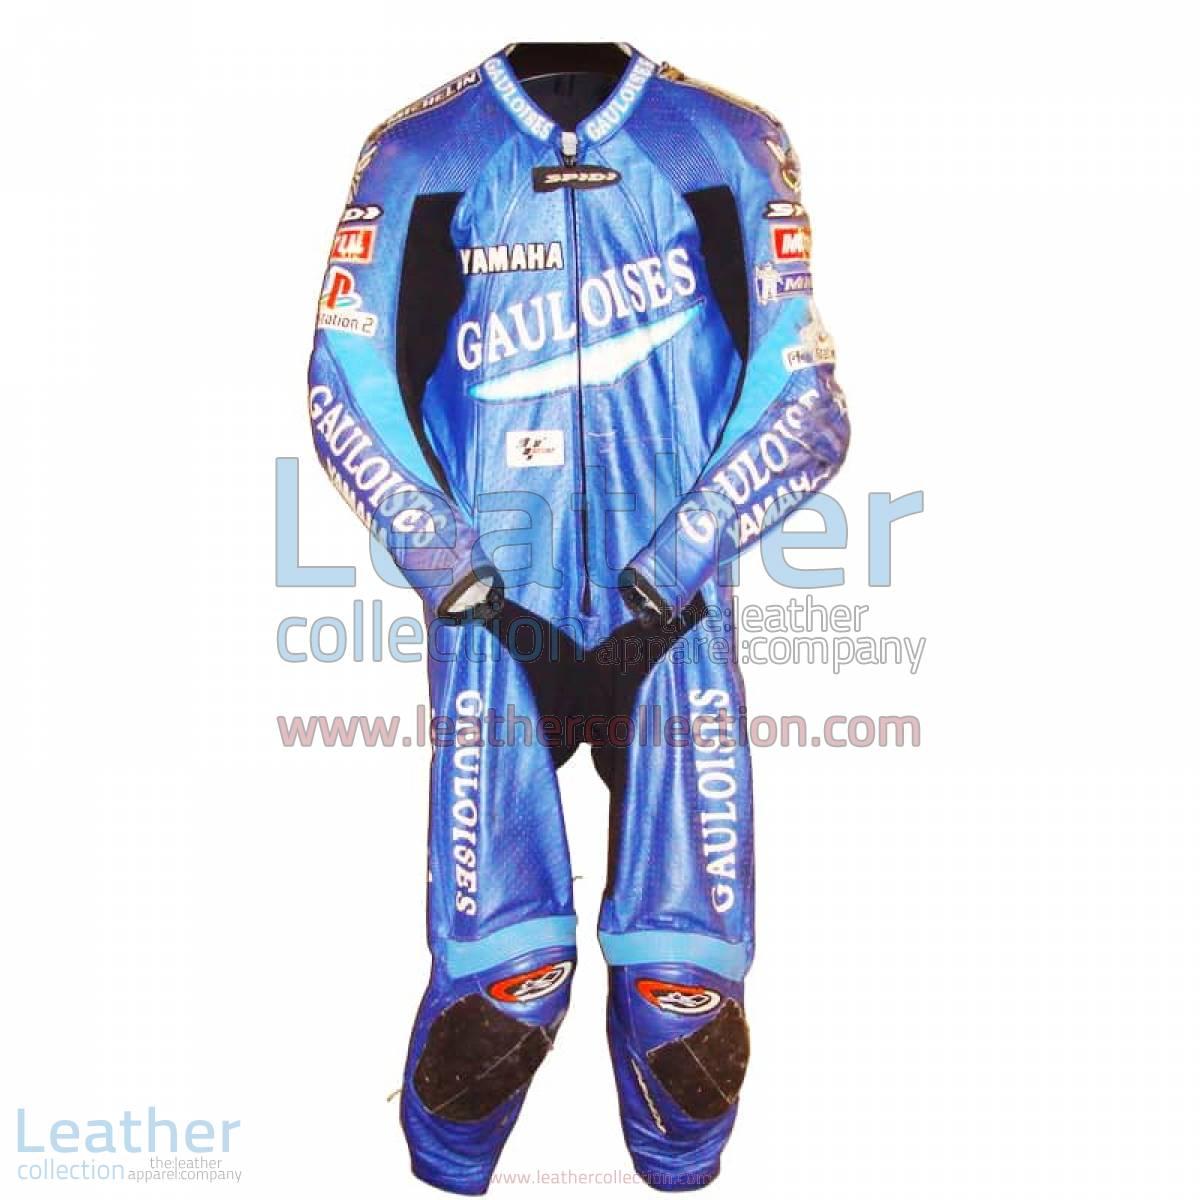 Olivier Jacque Yamaha GP 2003 Racing Suit   yamaha racing suit